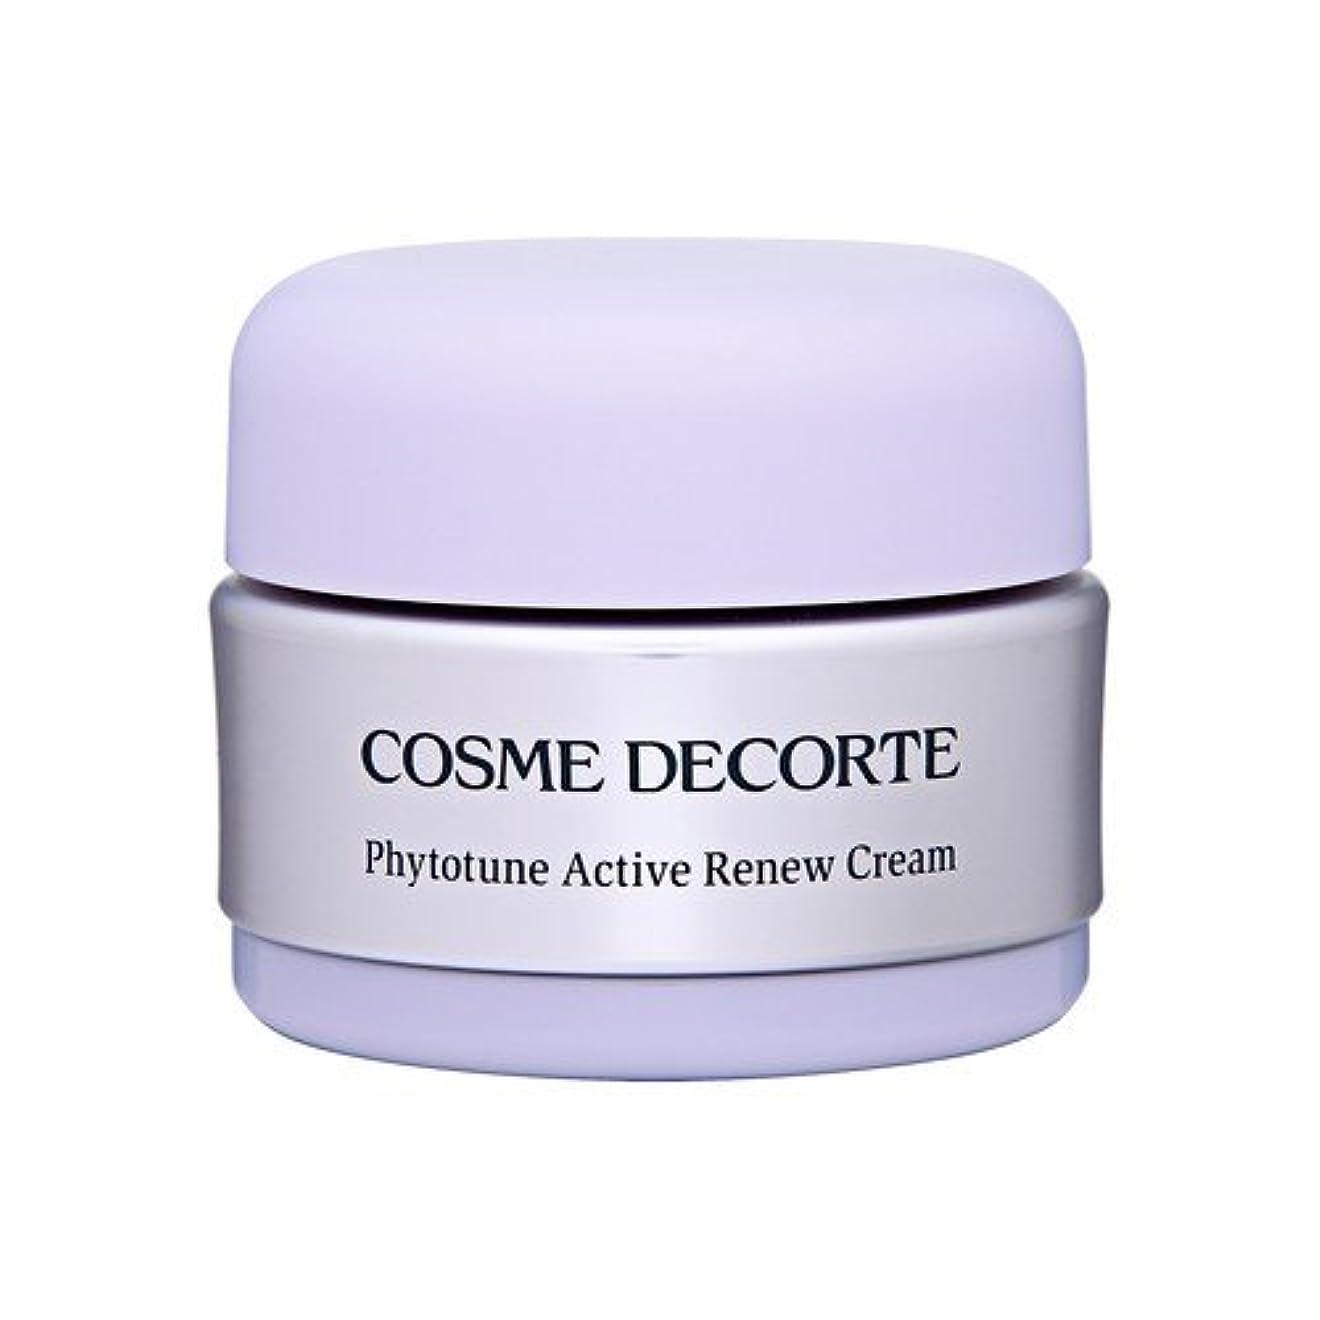 複製暗くする送料コスメ デコルテ(COSME DECORTE) フィトチューンアクティブリニュークリーム 30g [364491][並行輸入品]